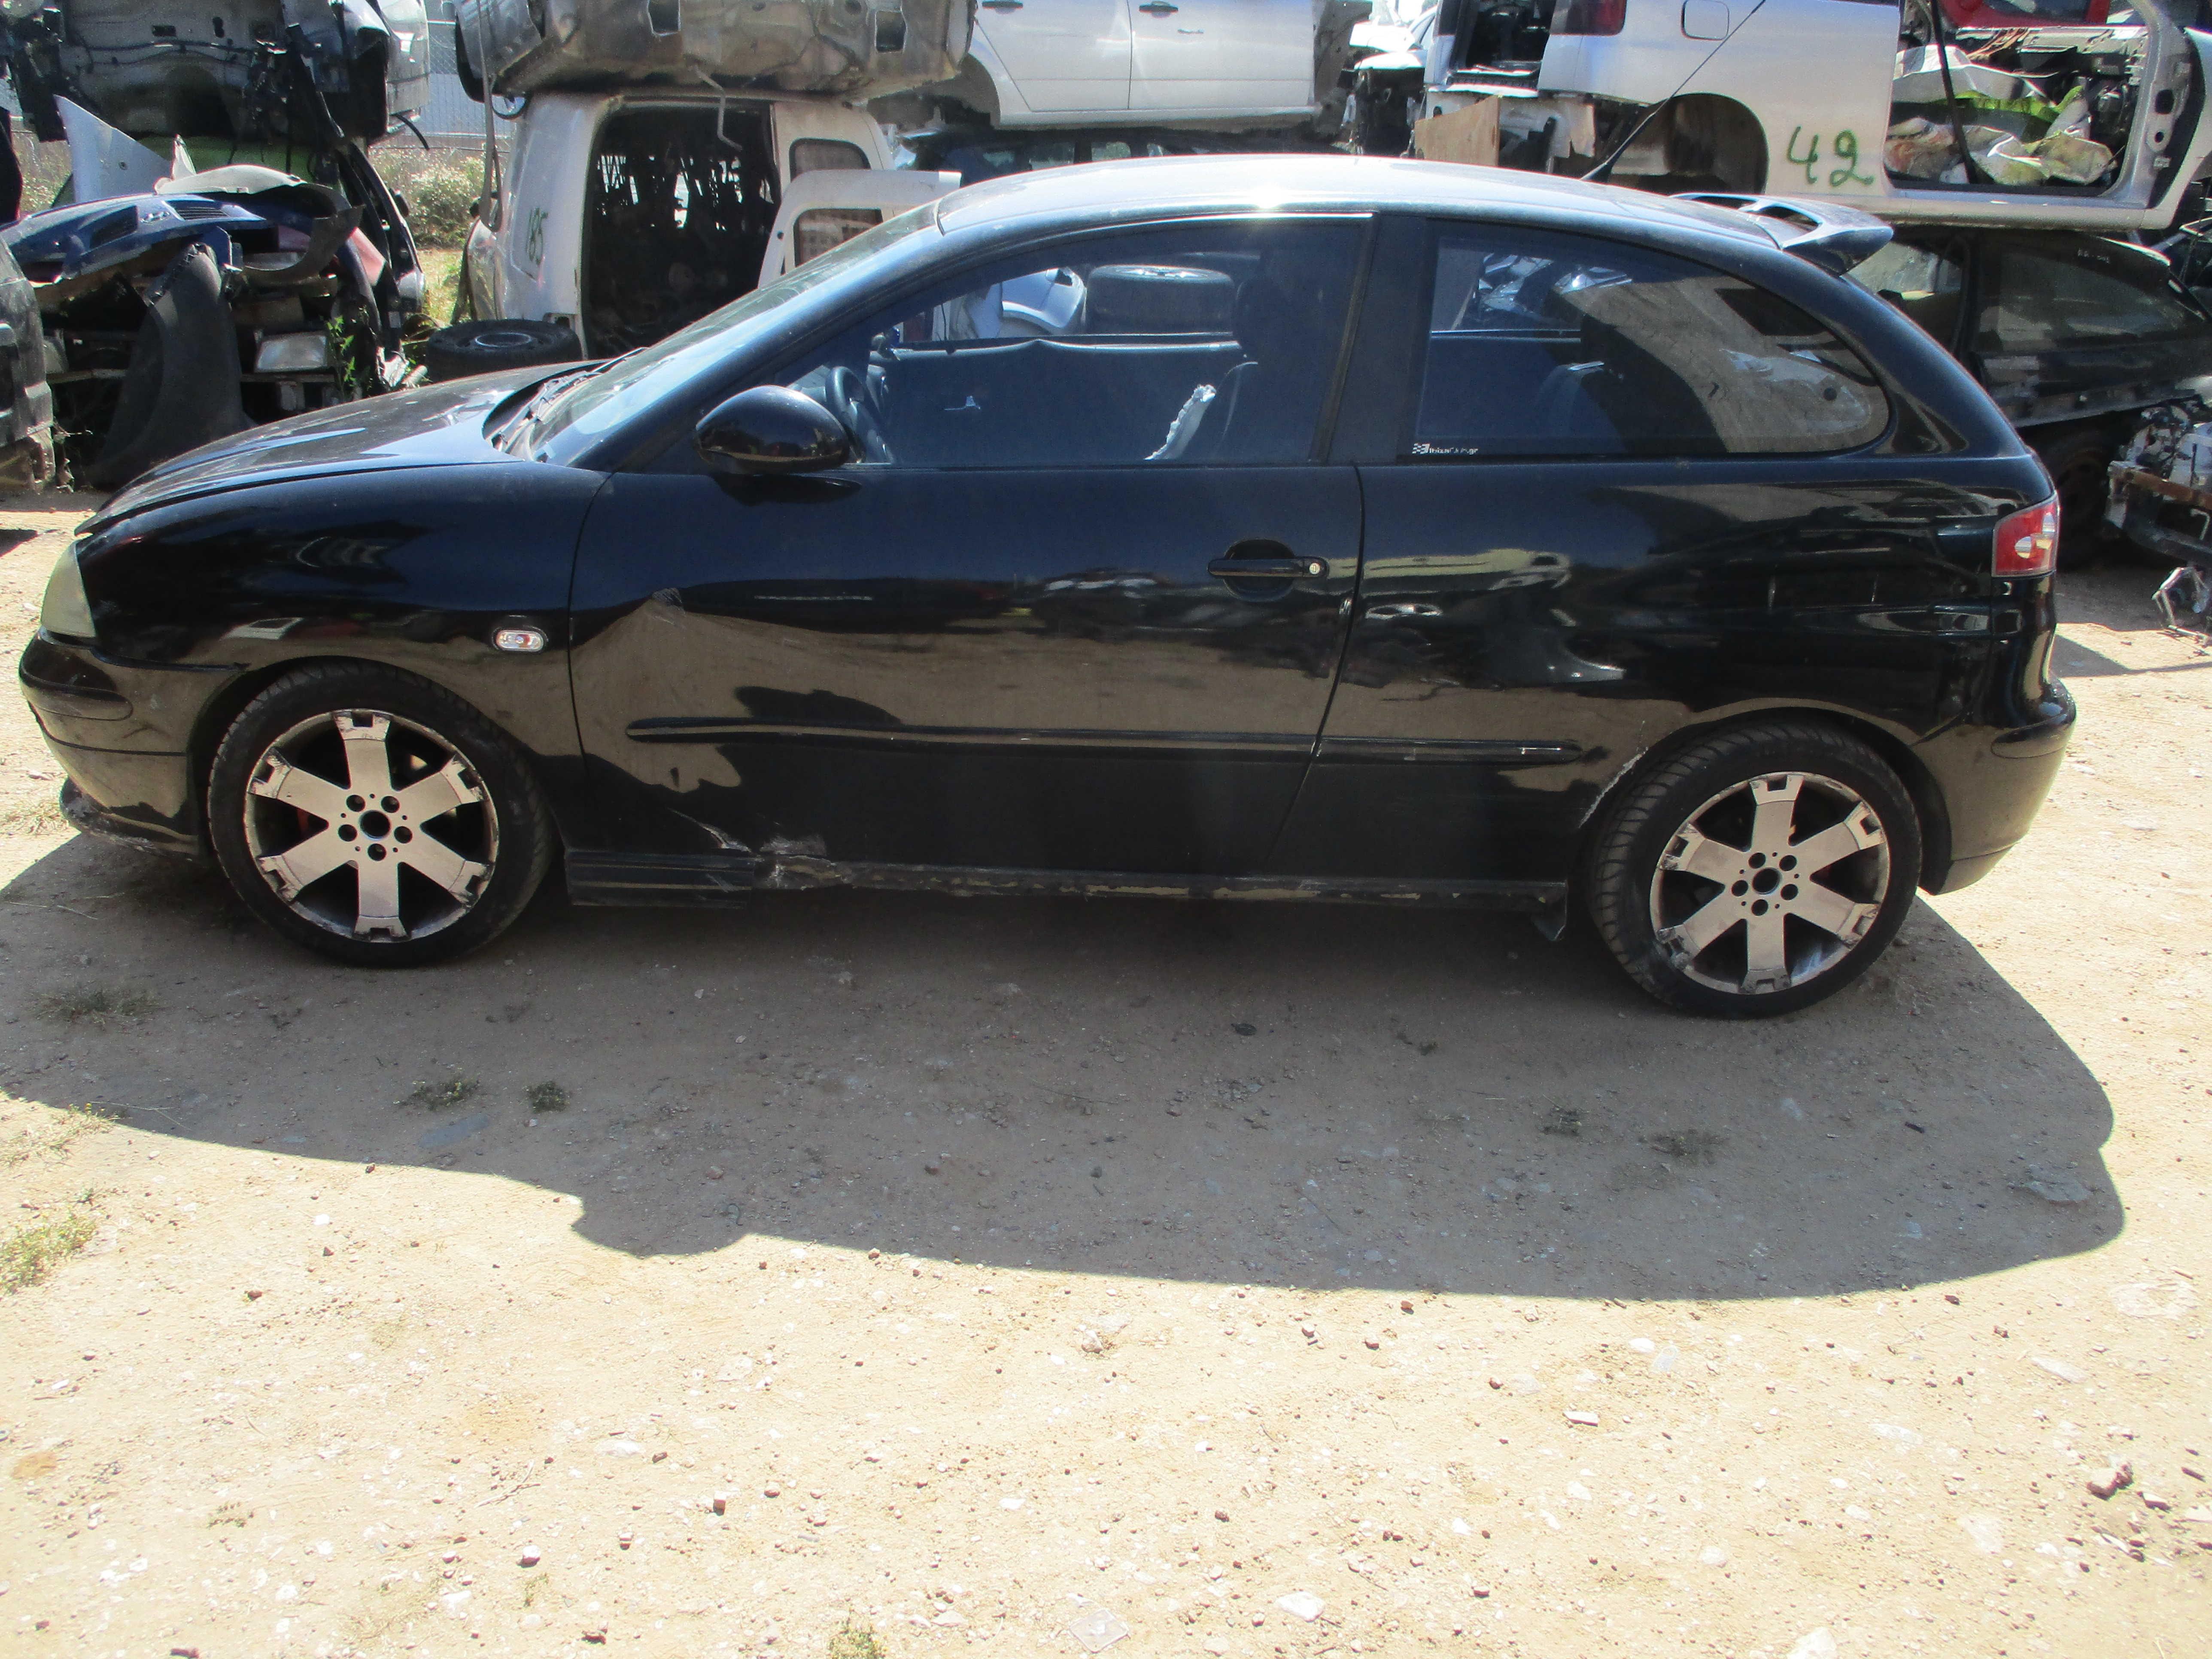 Πορτάκι Βενζίνης Seat Ibiza '05.